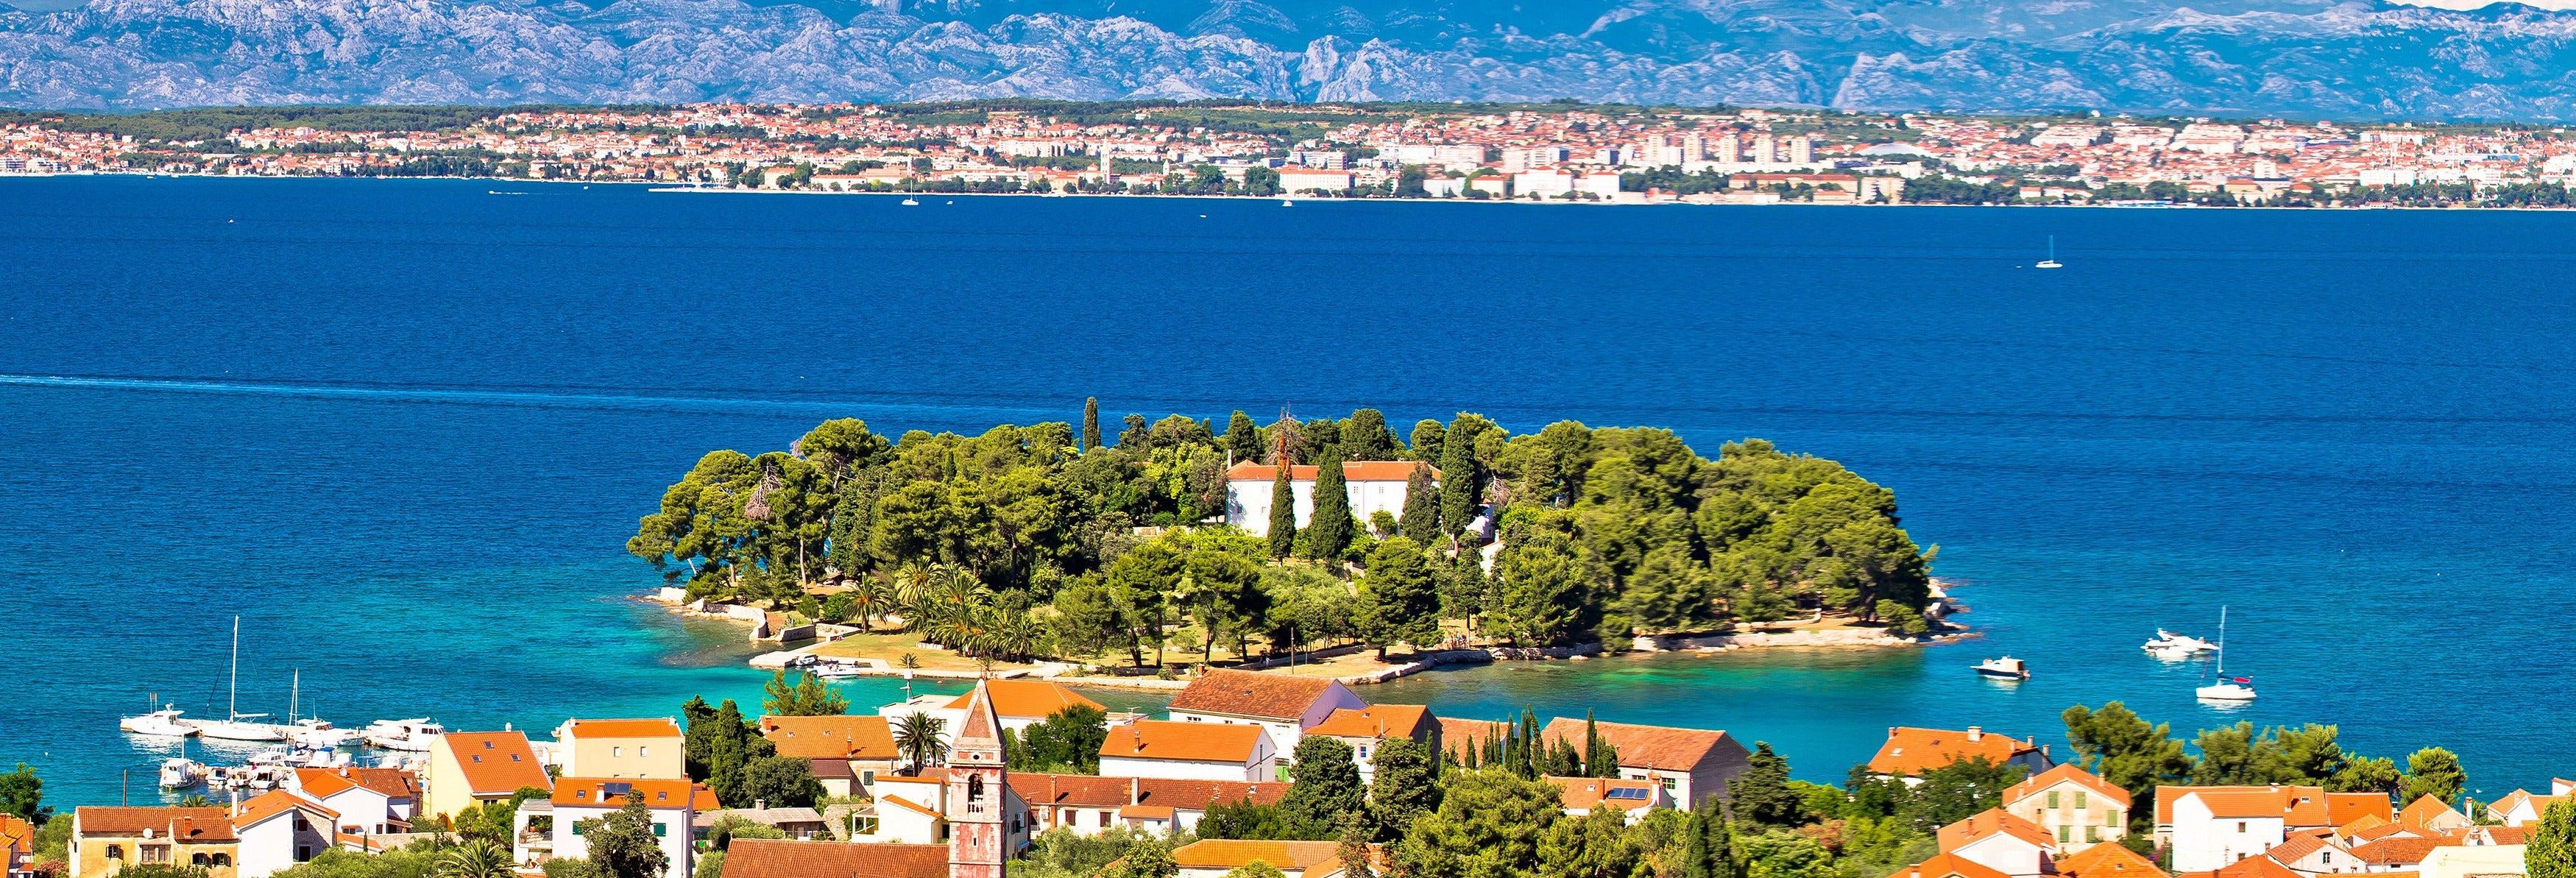 Excursión a la isla de Ugljan en velero